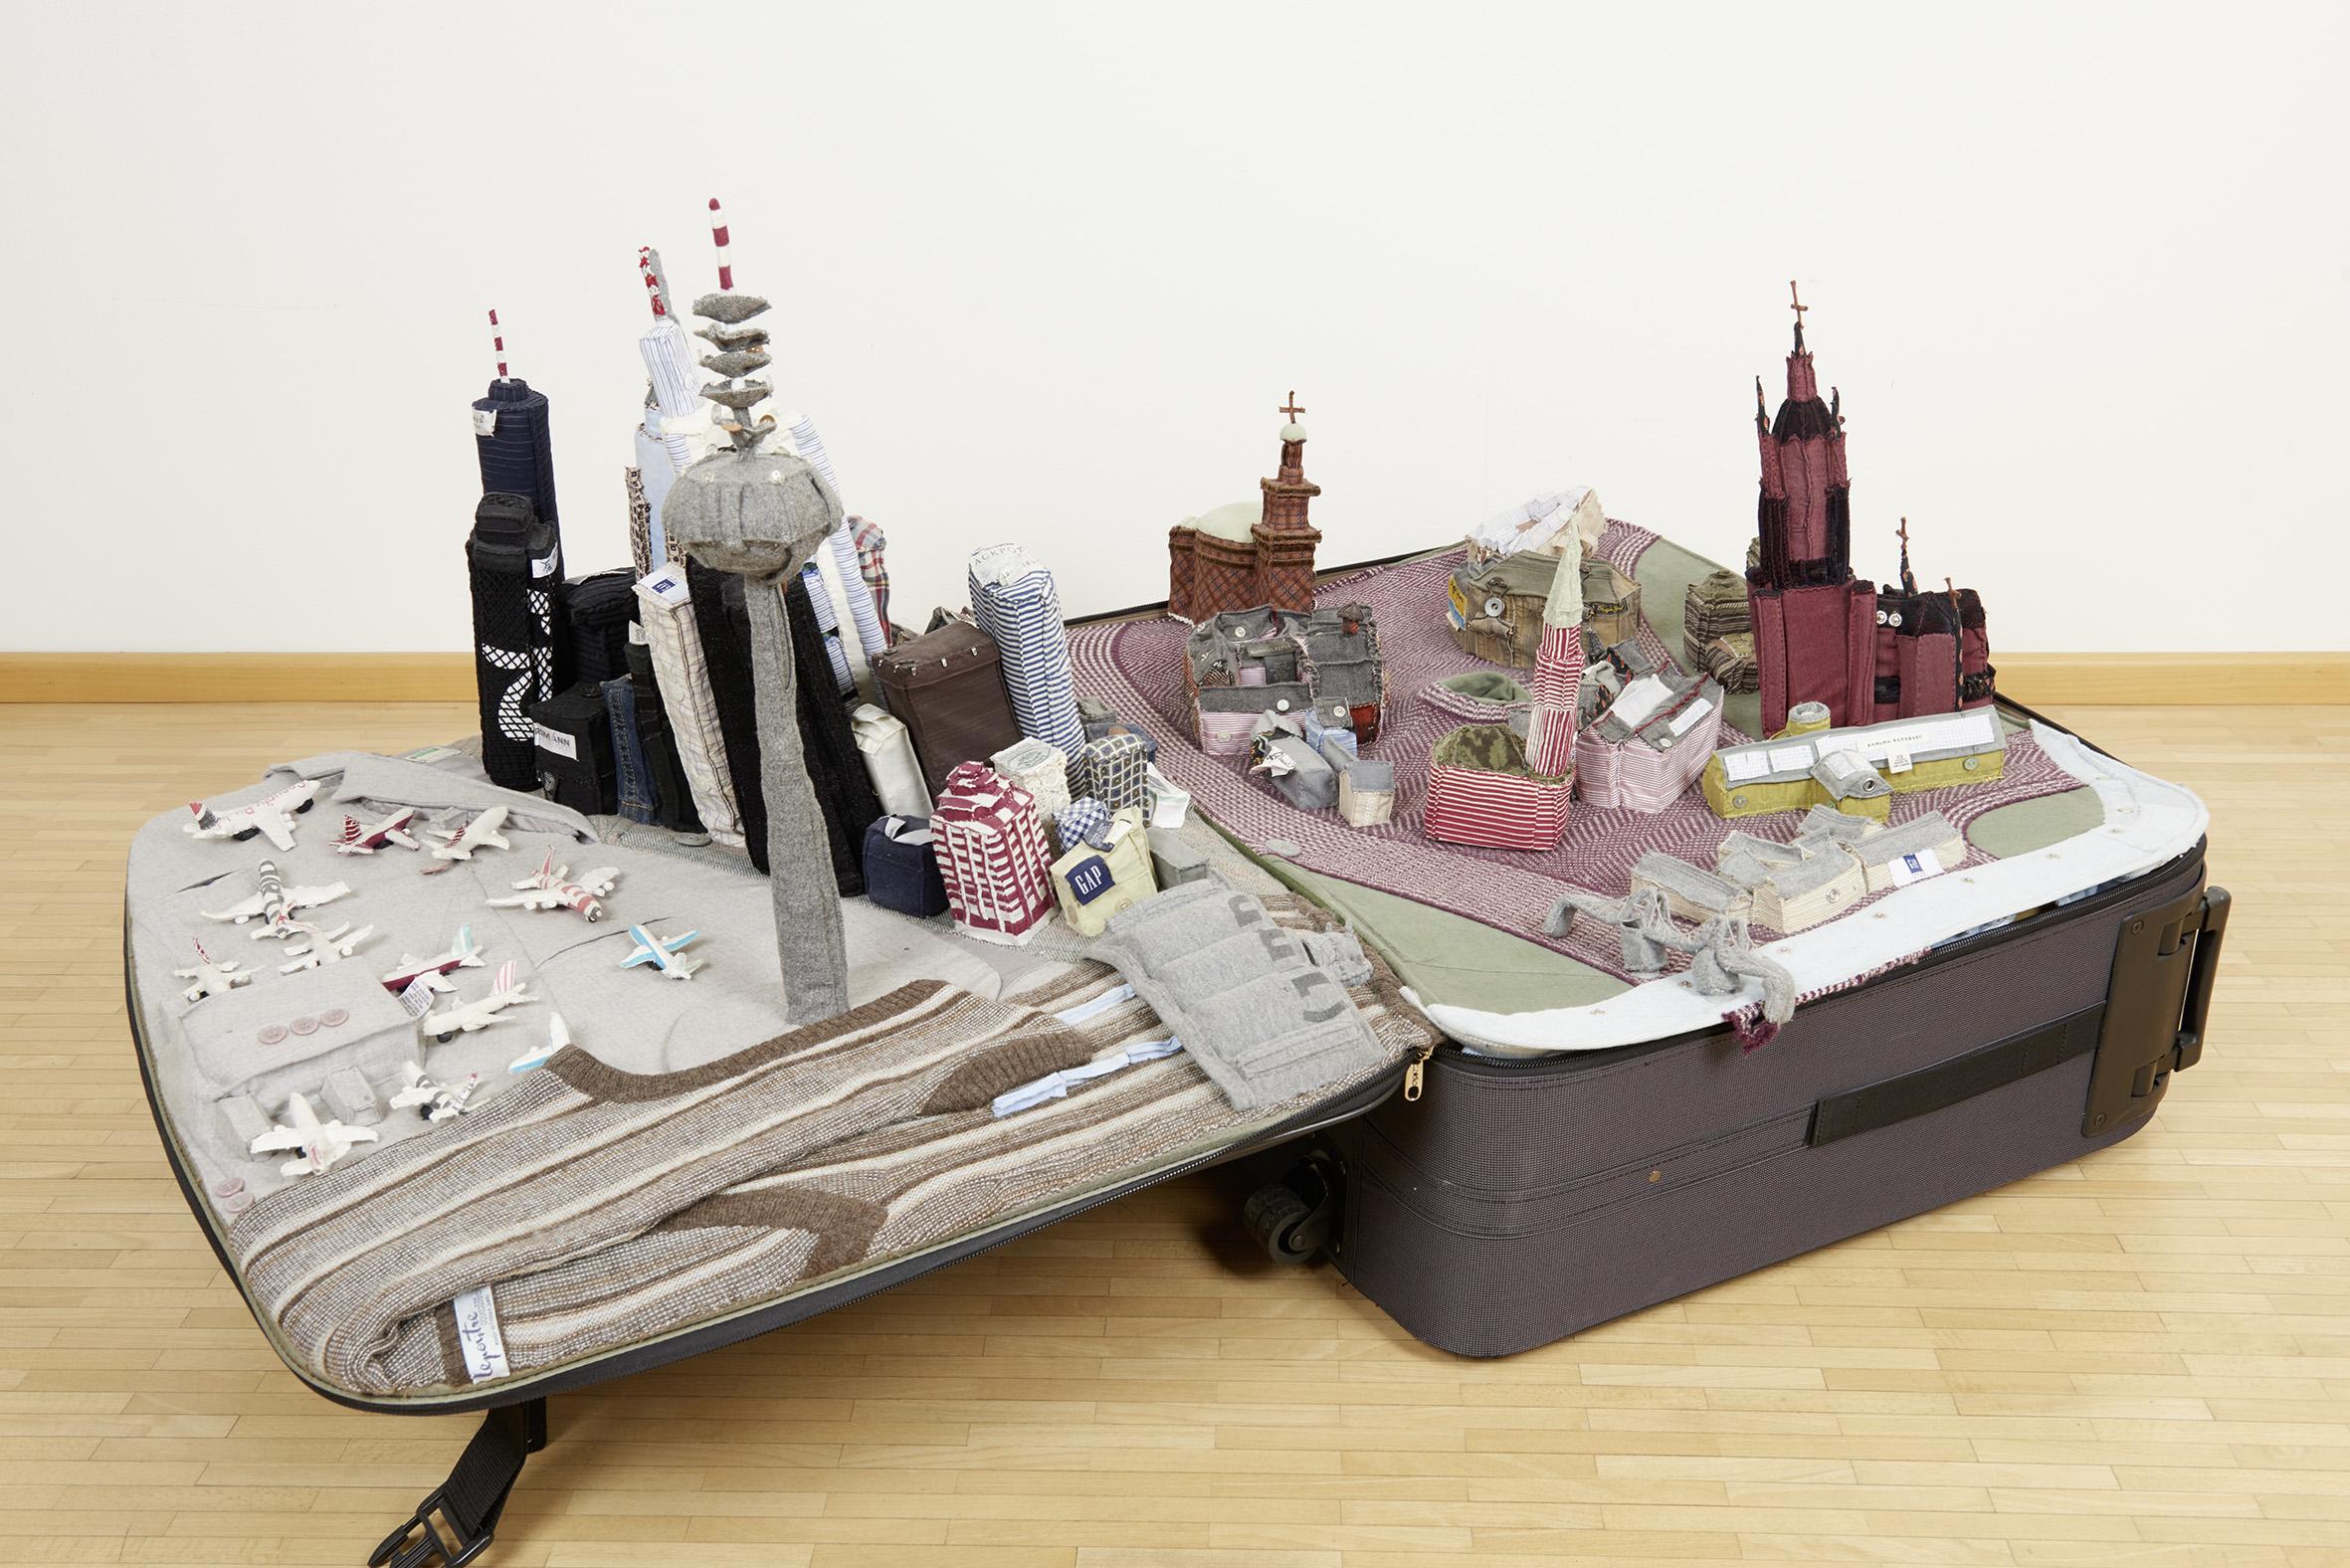 Yin Xiuzhen, Portable City: Frankfurt, 60 x 140 x 90 cm, 2007